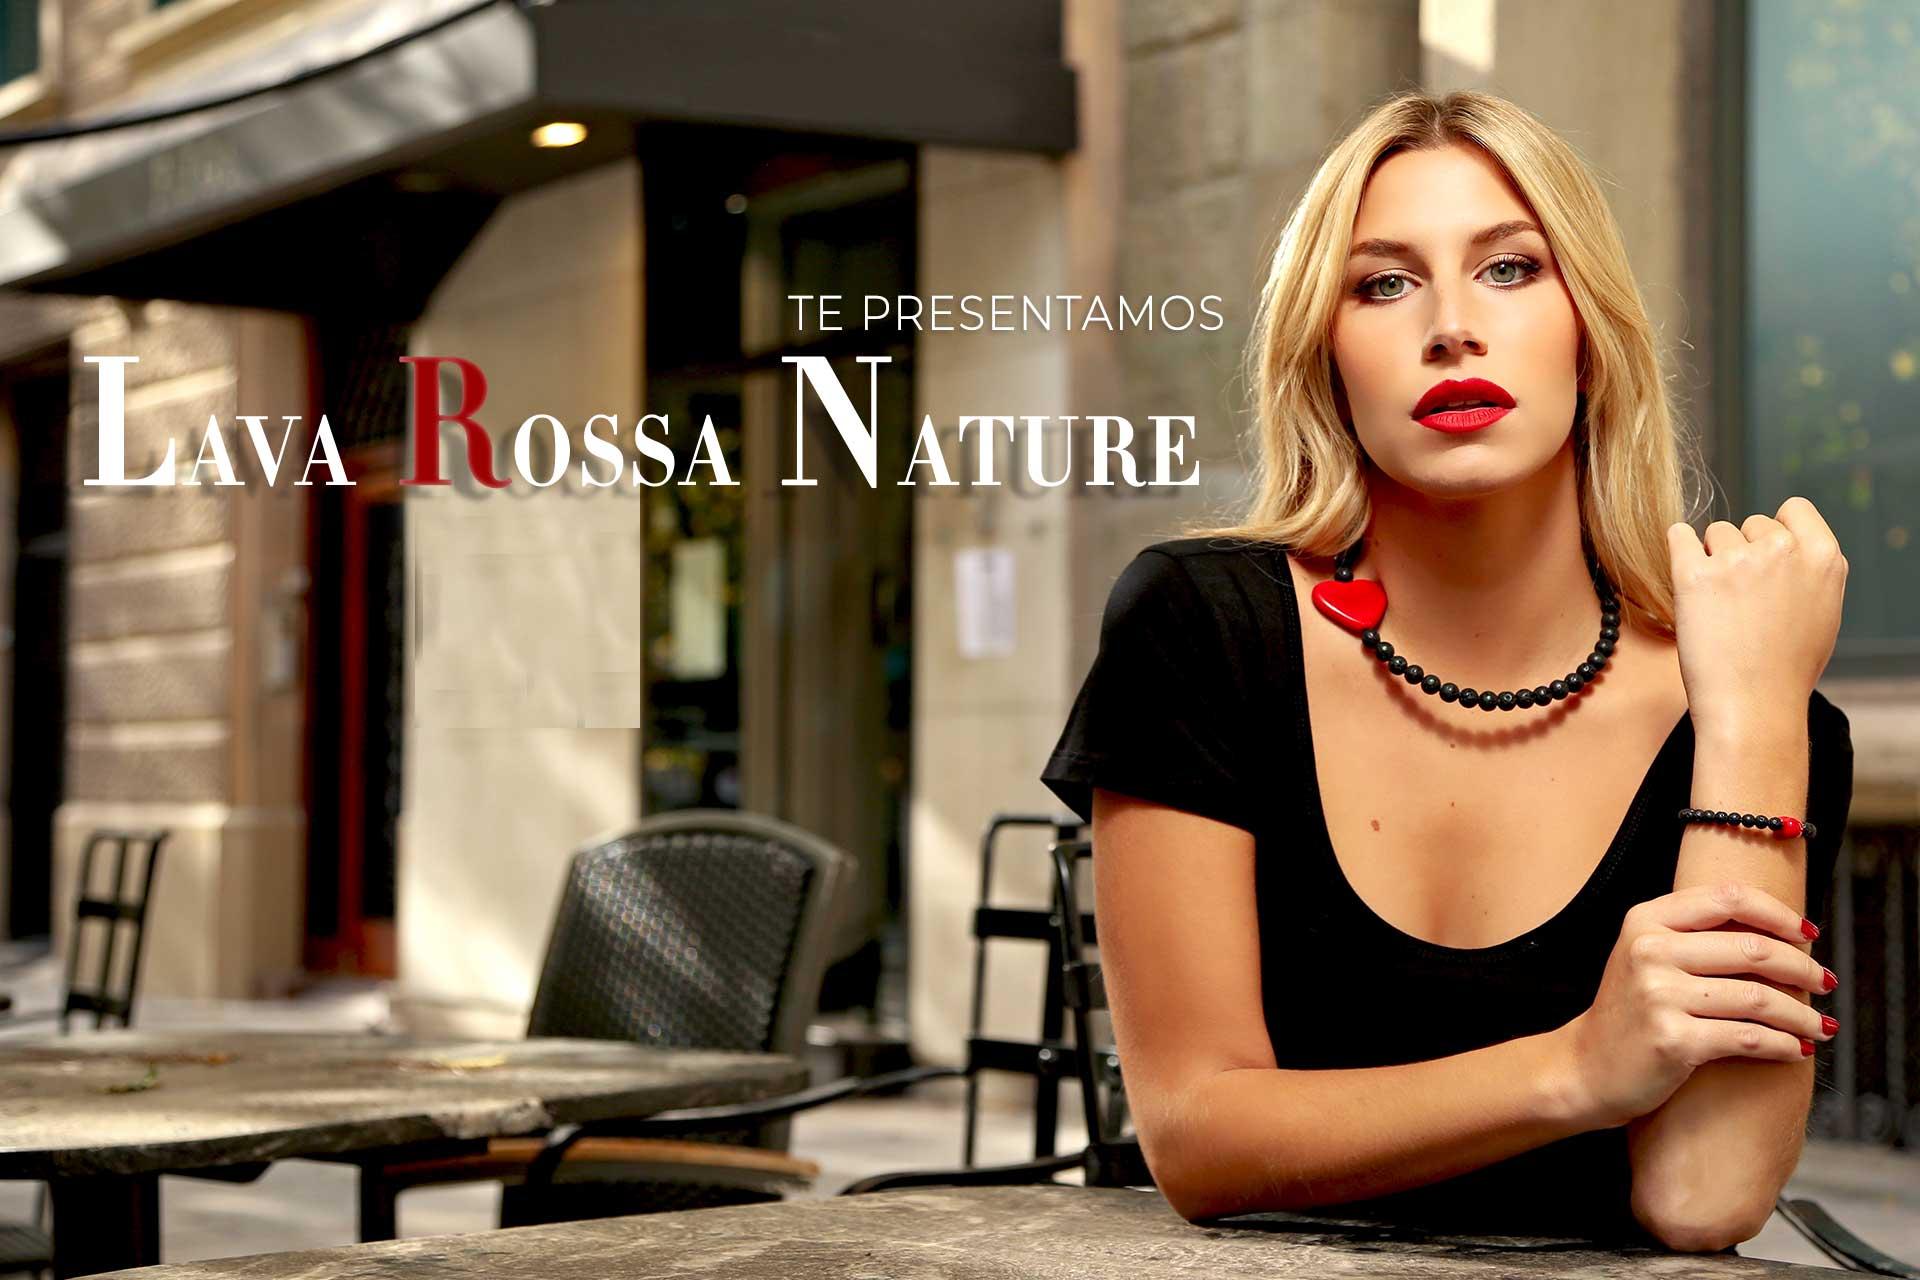 Lava-Rossa-Nature-C-ES